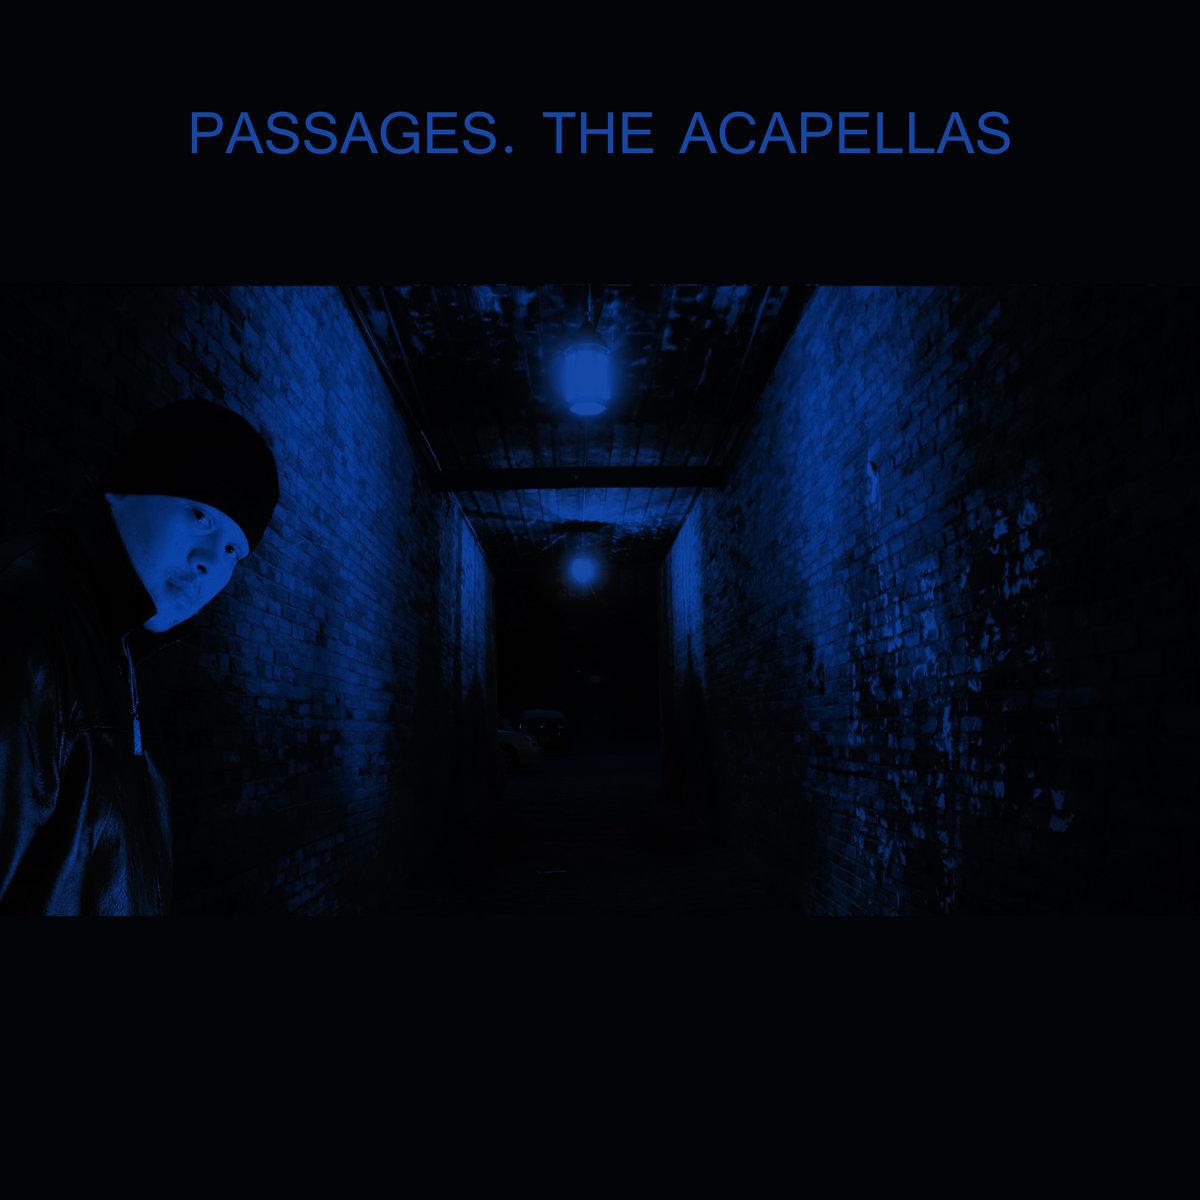 Passages Acapellas edition | Sabotawj